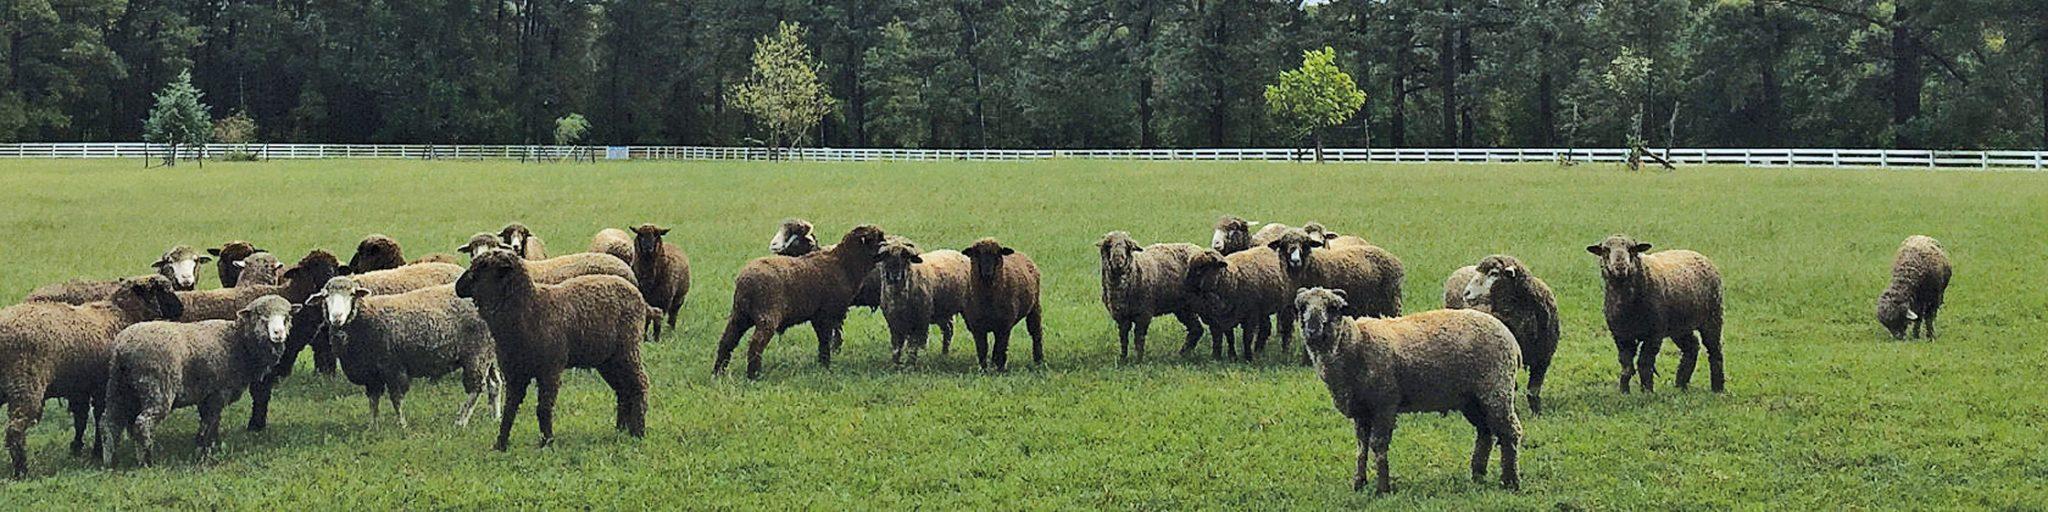 Sheep graze on Nordt's 400-acre farm.